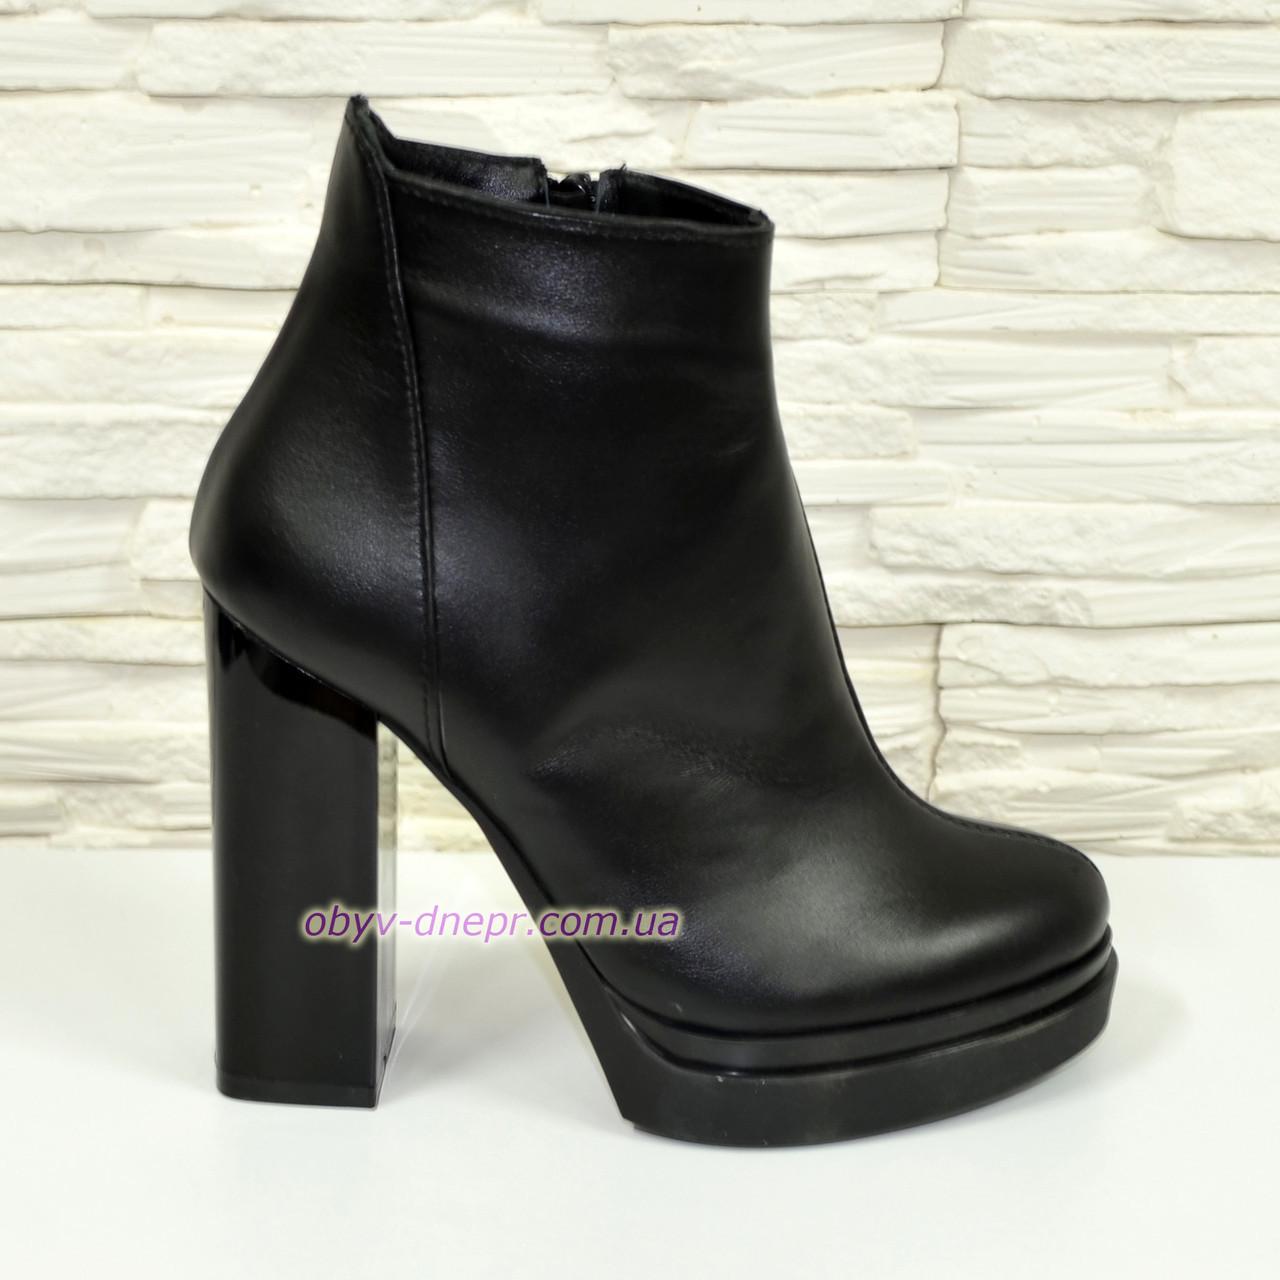 9182f2632 Ботинки зимние женские классические на высоком каблуке, из натуральной кожи,  цвет черный.